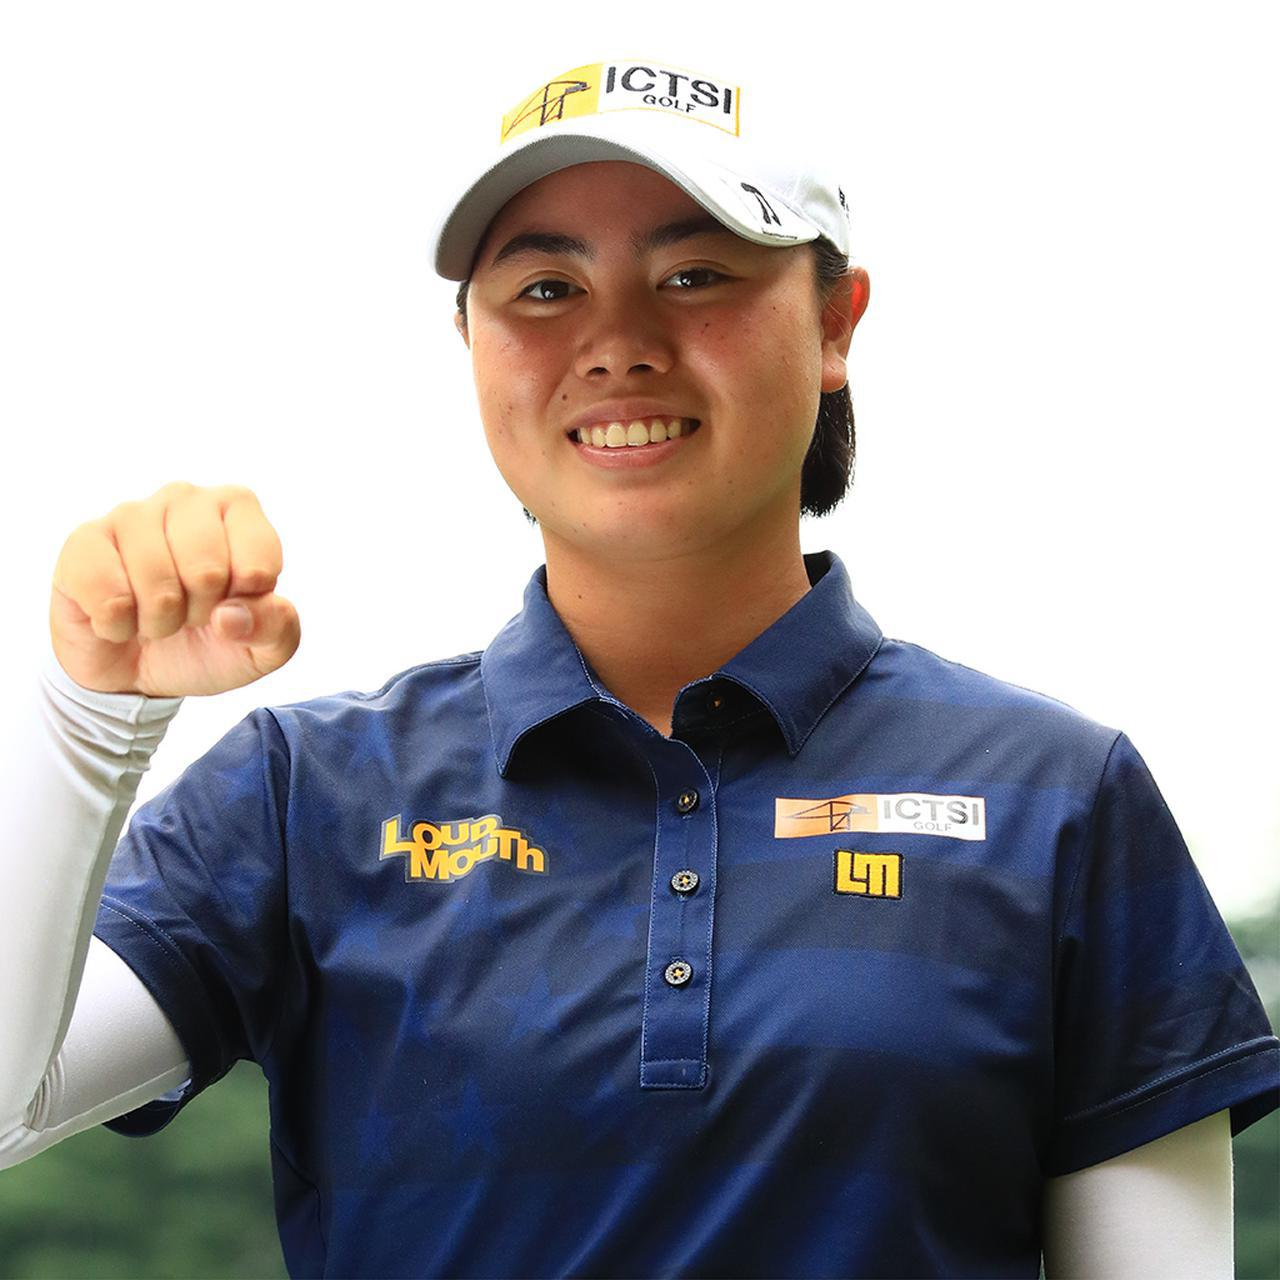 画像: 笹生優花 フィリピン生まれ。日本人の父・正和さんとフィリピン人の母のもとに生まれ、両国の国籍を持つ。東京五輪はフィリピンの代表としての出場を目指している。今年プロデビューを果たし、3戦中2勝